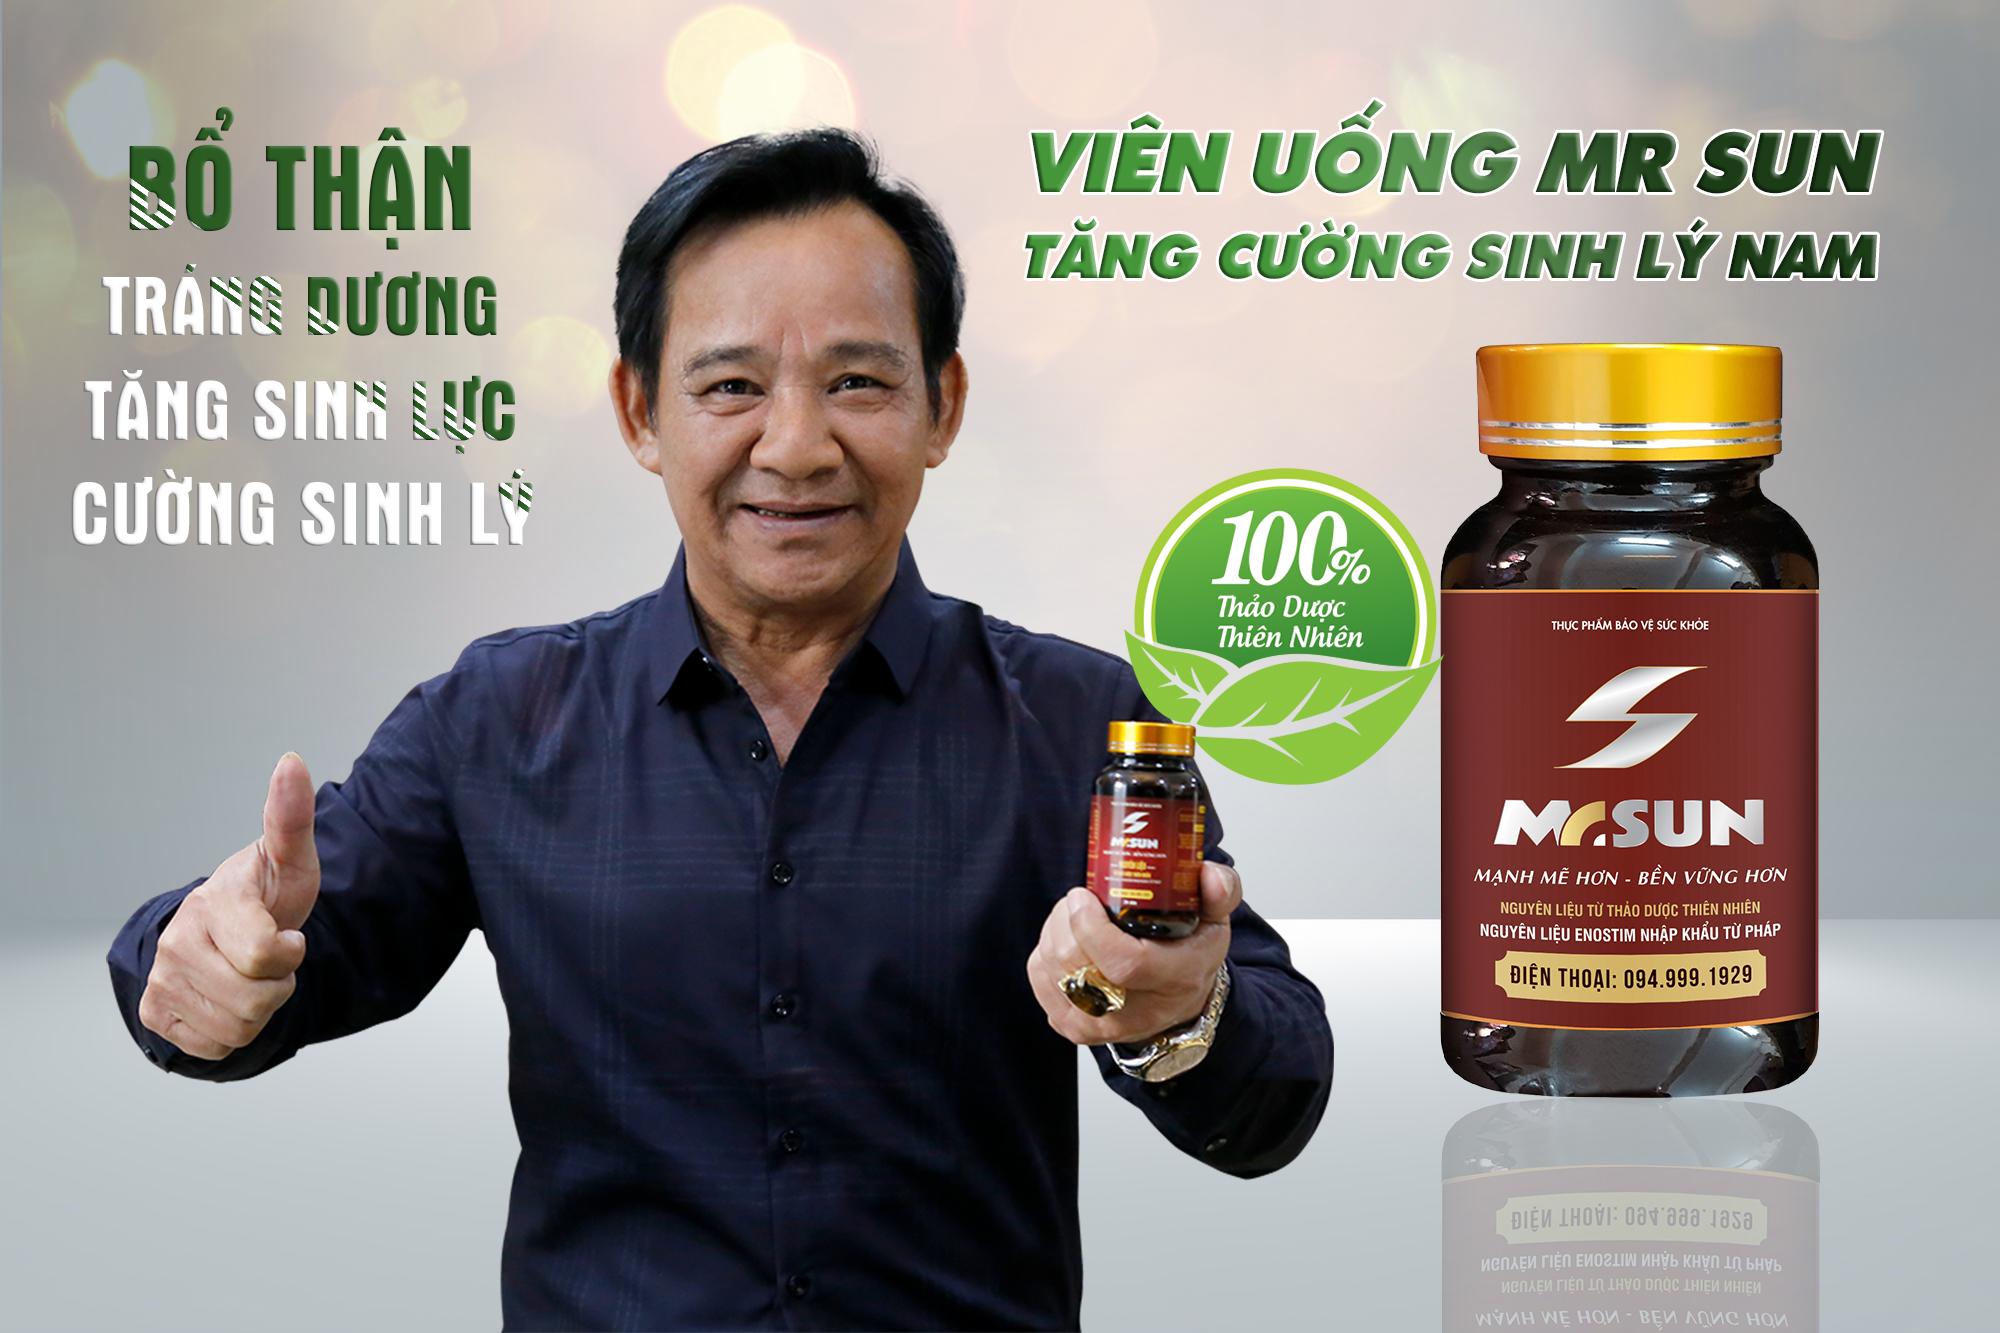 Nghệ sĩ Quang Tèo tin tưởng sử dụng Mr Sun